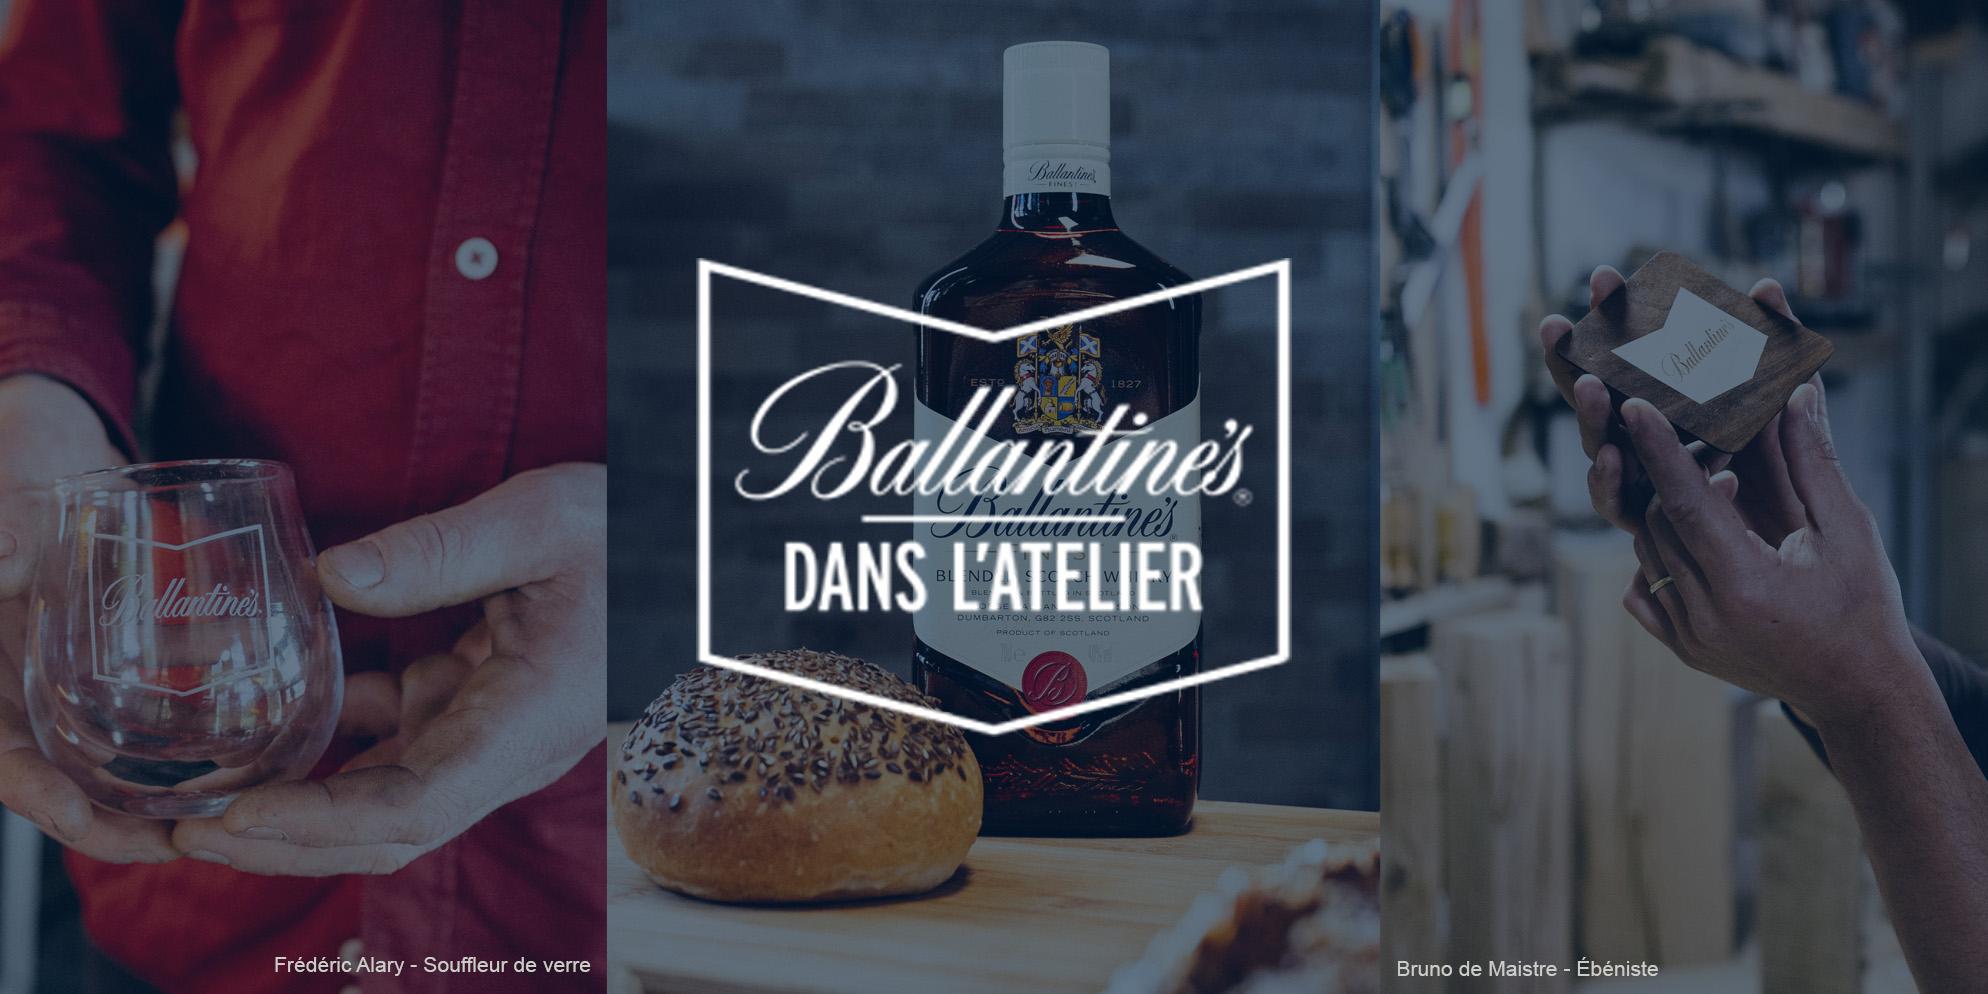 Ballantine's vous invite dans l'atelier